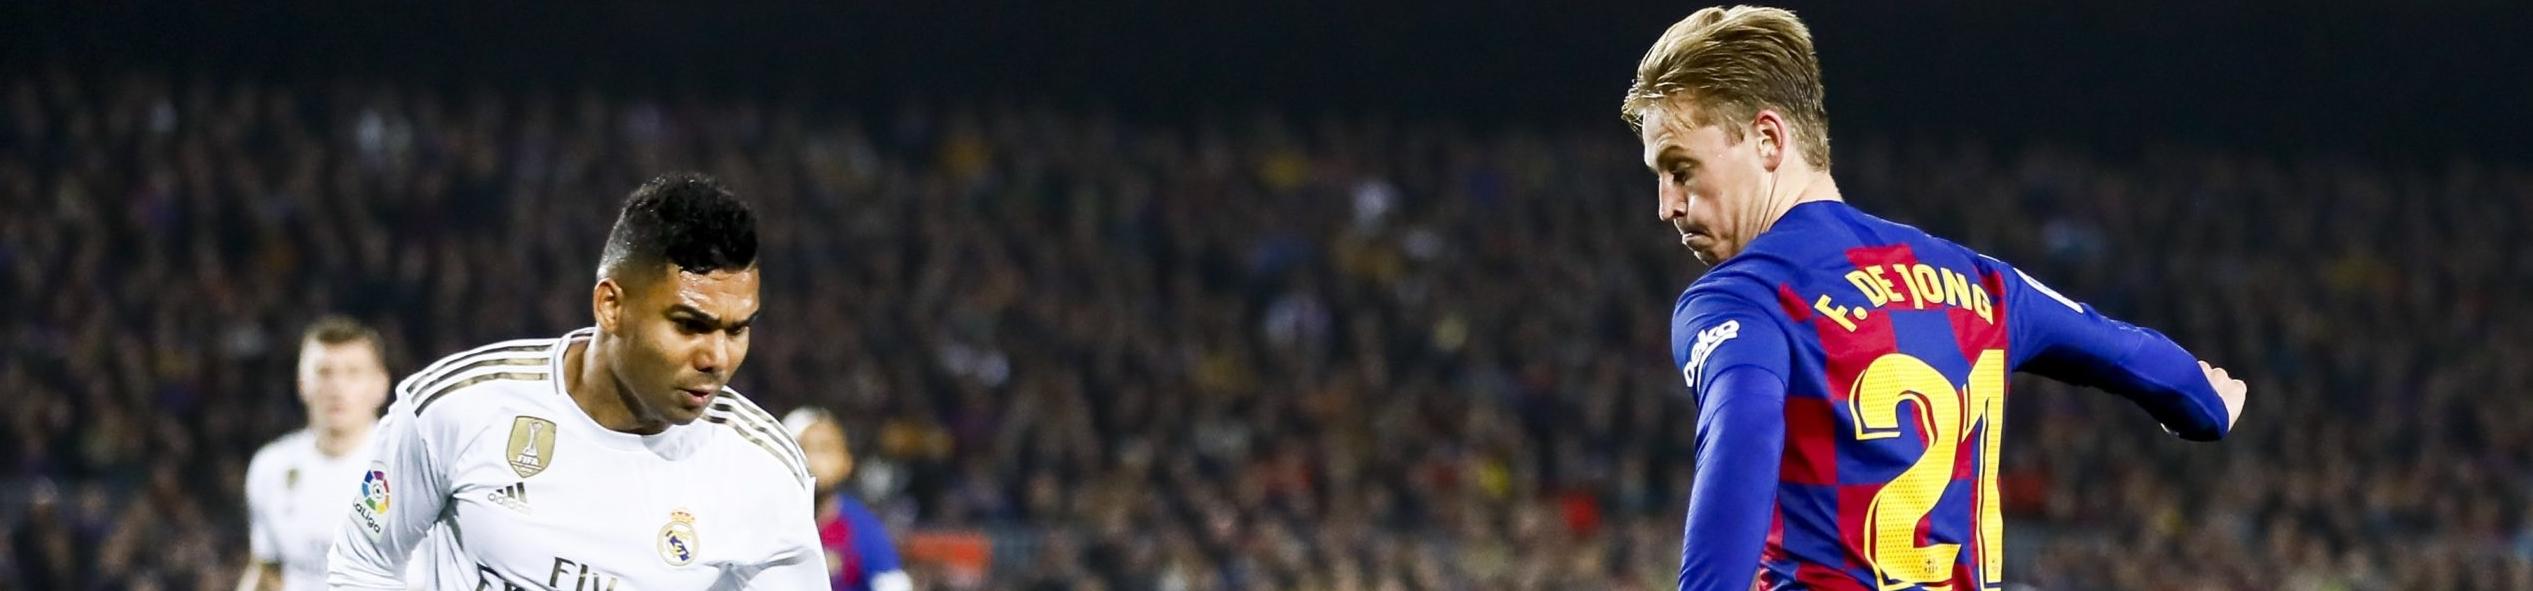 Real Madrid-Barcellona, la rivalità infinita vale (ancora una volta) lo scudetto